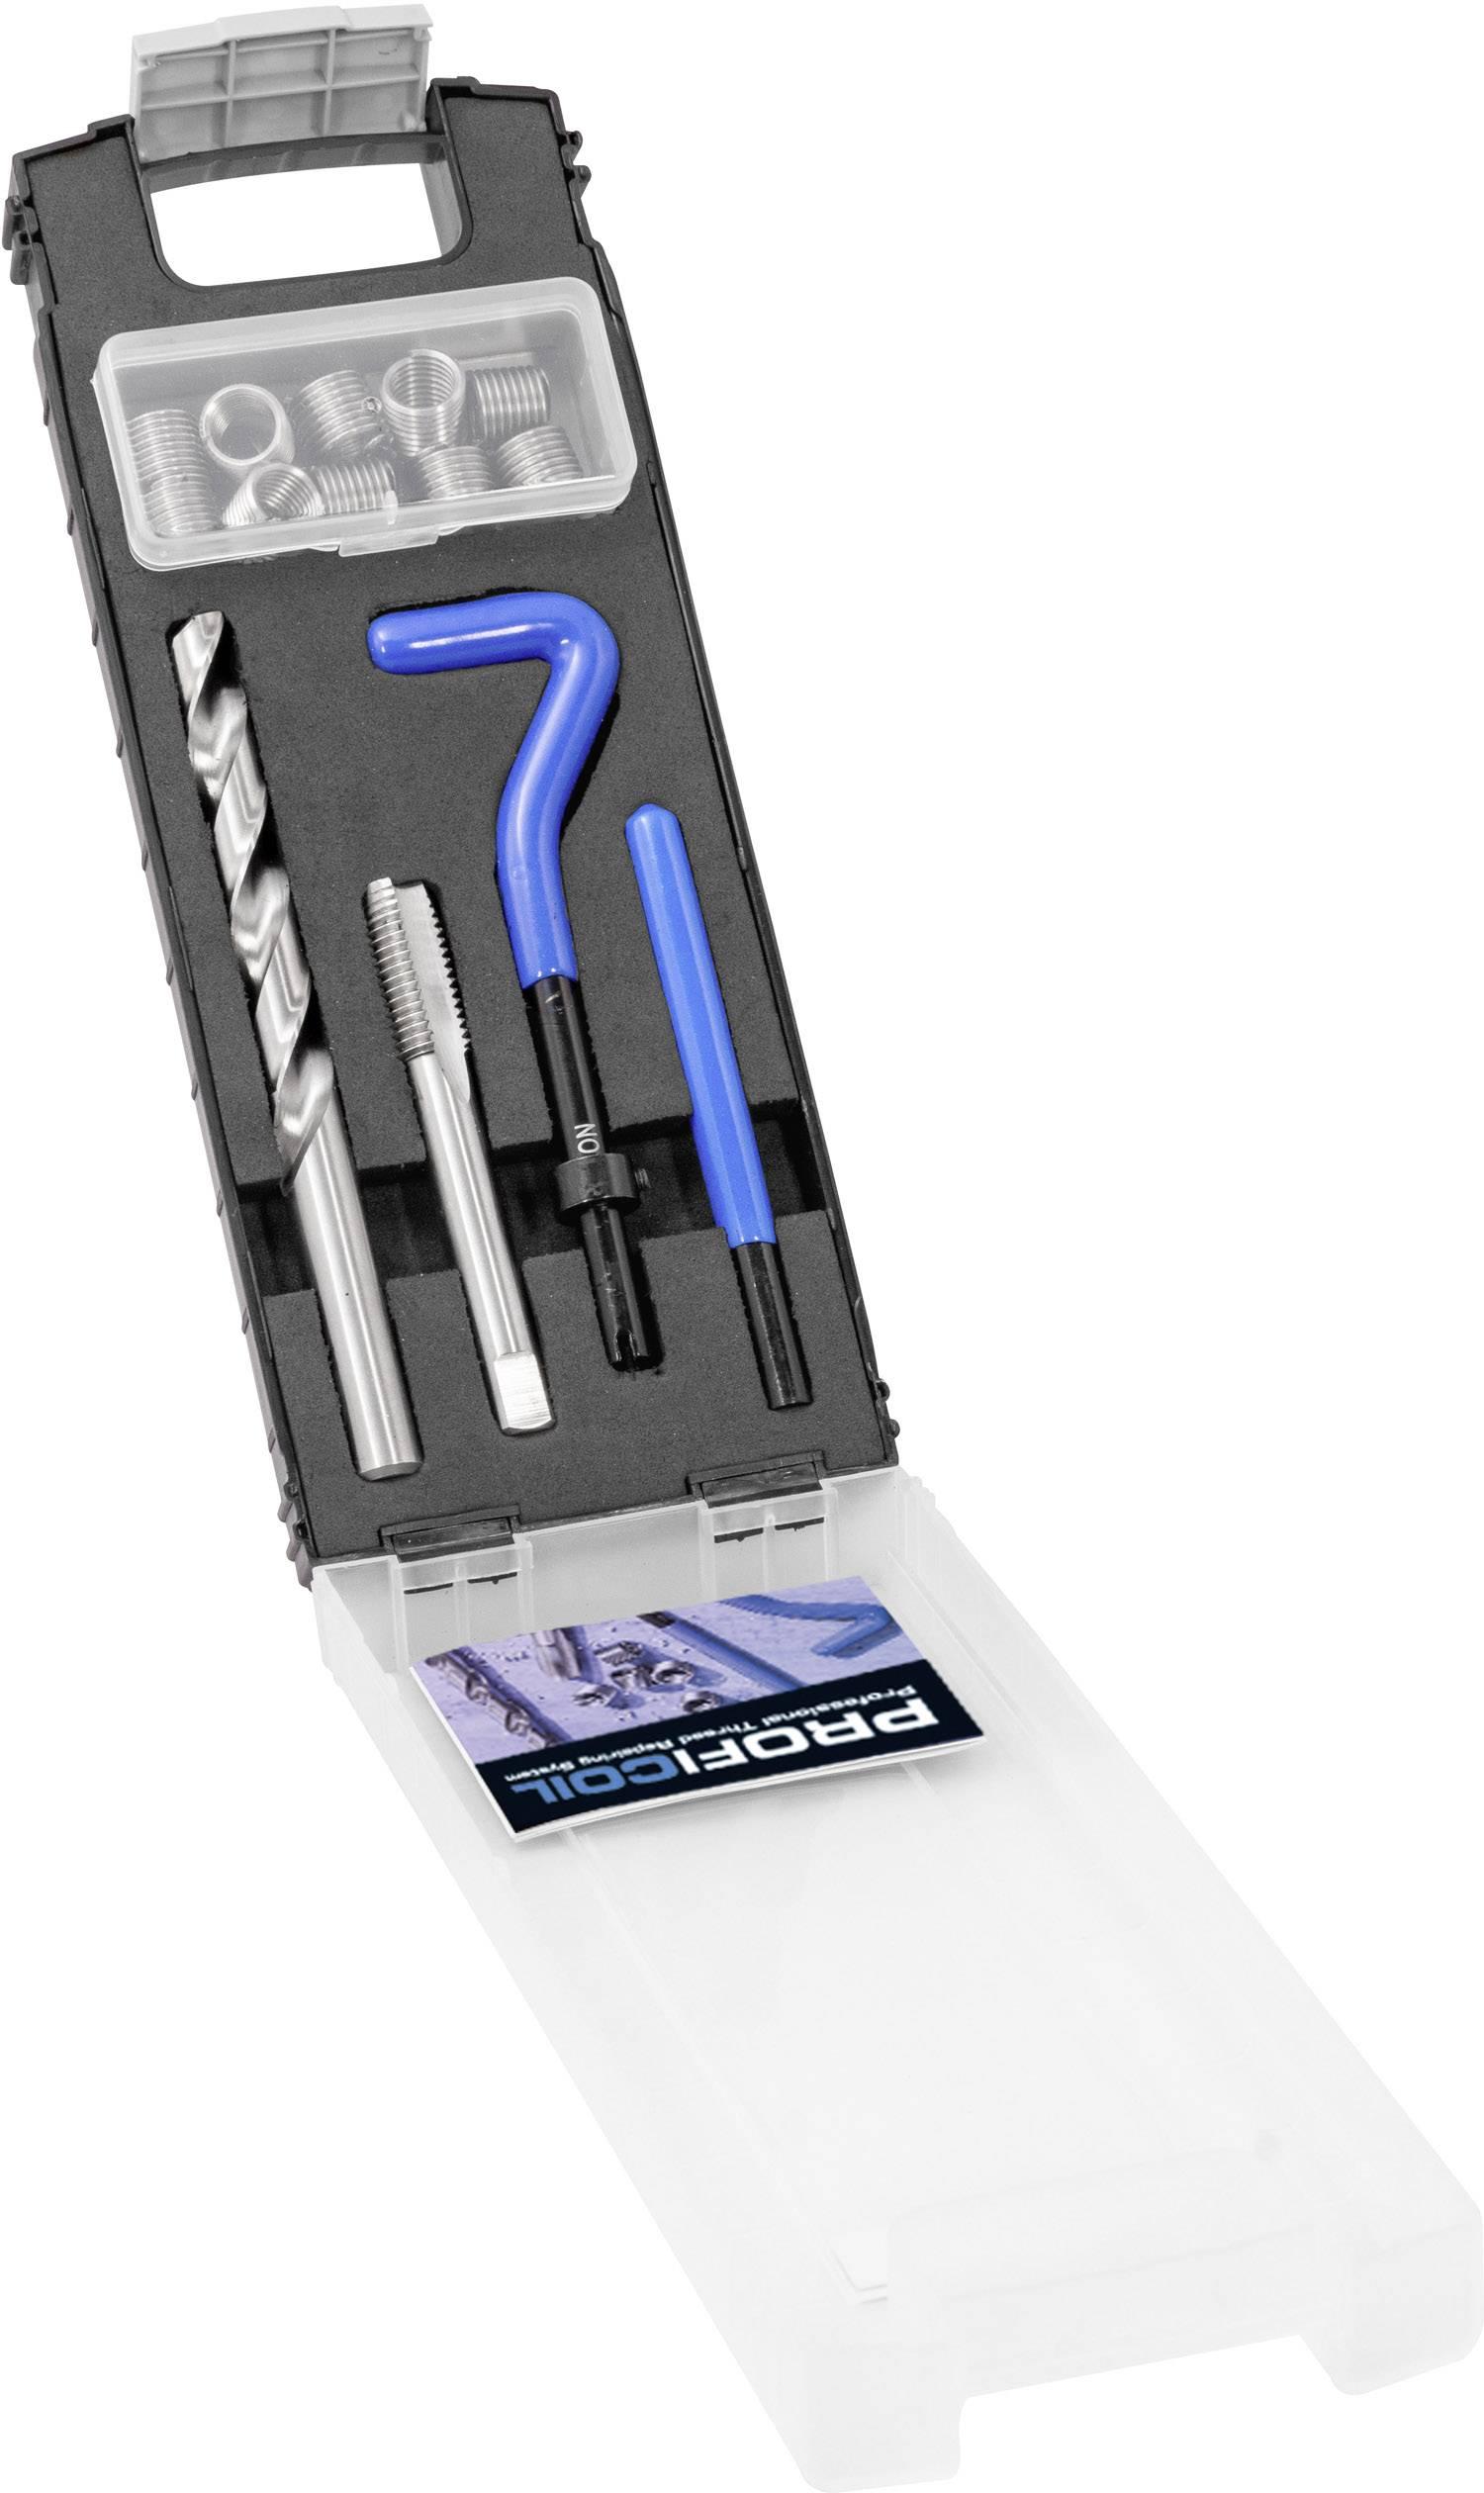 Gewindeeinsatzsatz M6 Edelstahl-Gewindeeinsatz-Kombinationswerkzeugsatz Gewindereparatursatz